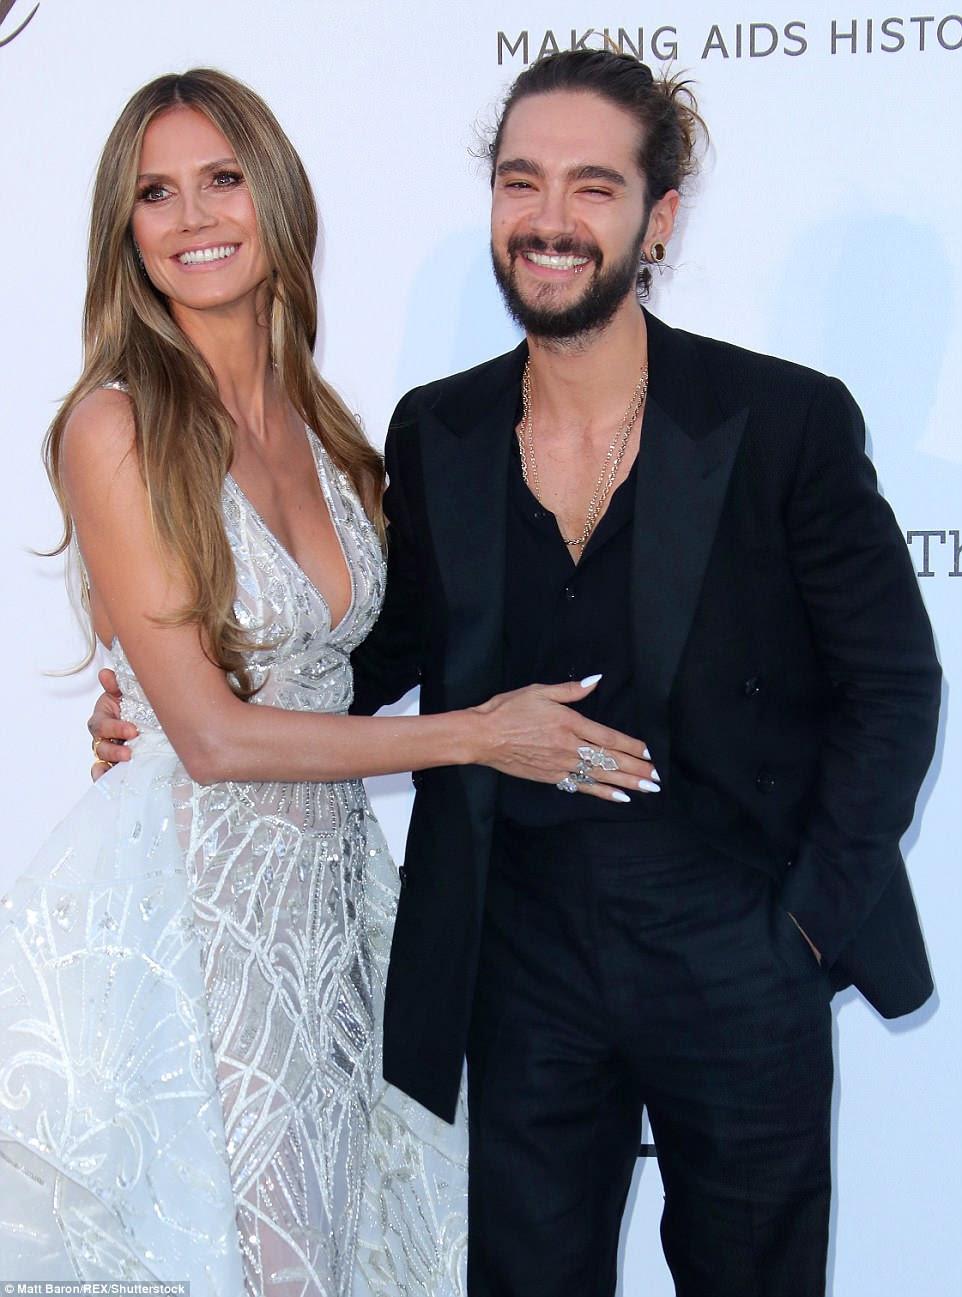 Enquanto isso, Heidi Klum usou o evento para fazer sua glamorosa estreia no tapete vermelho com seu amante mais jovem, Tom Kaulitz, 28